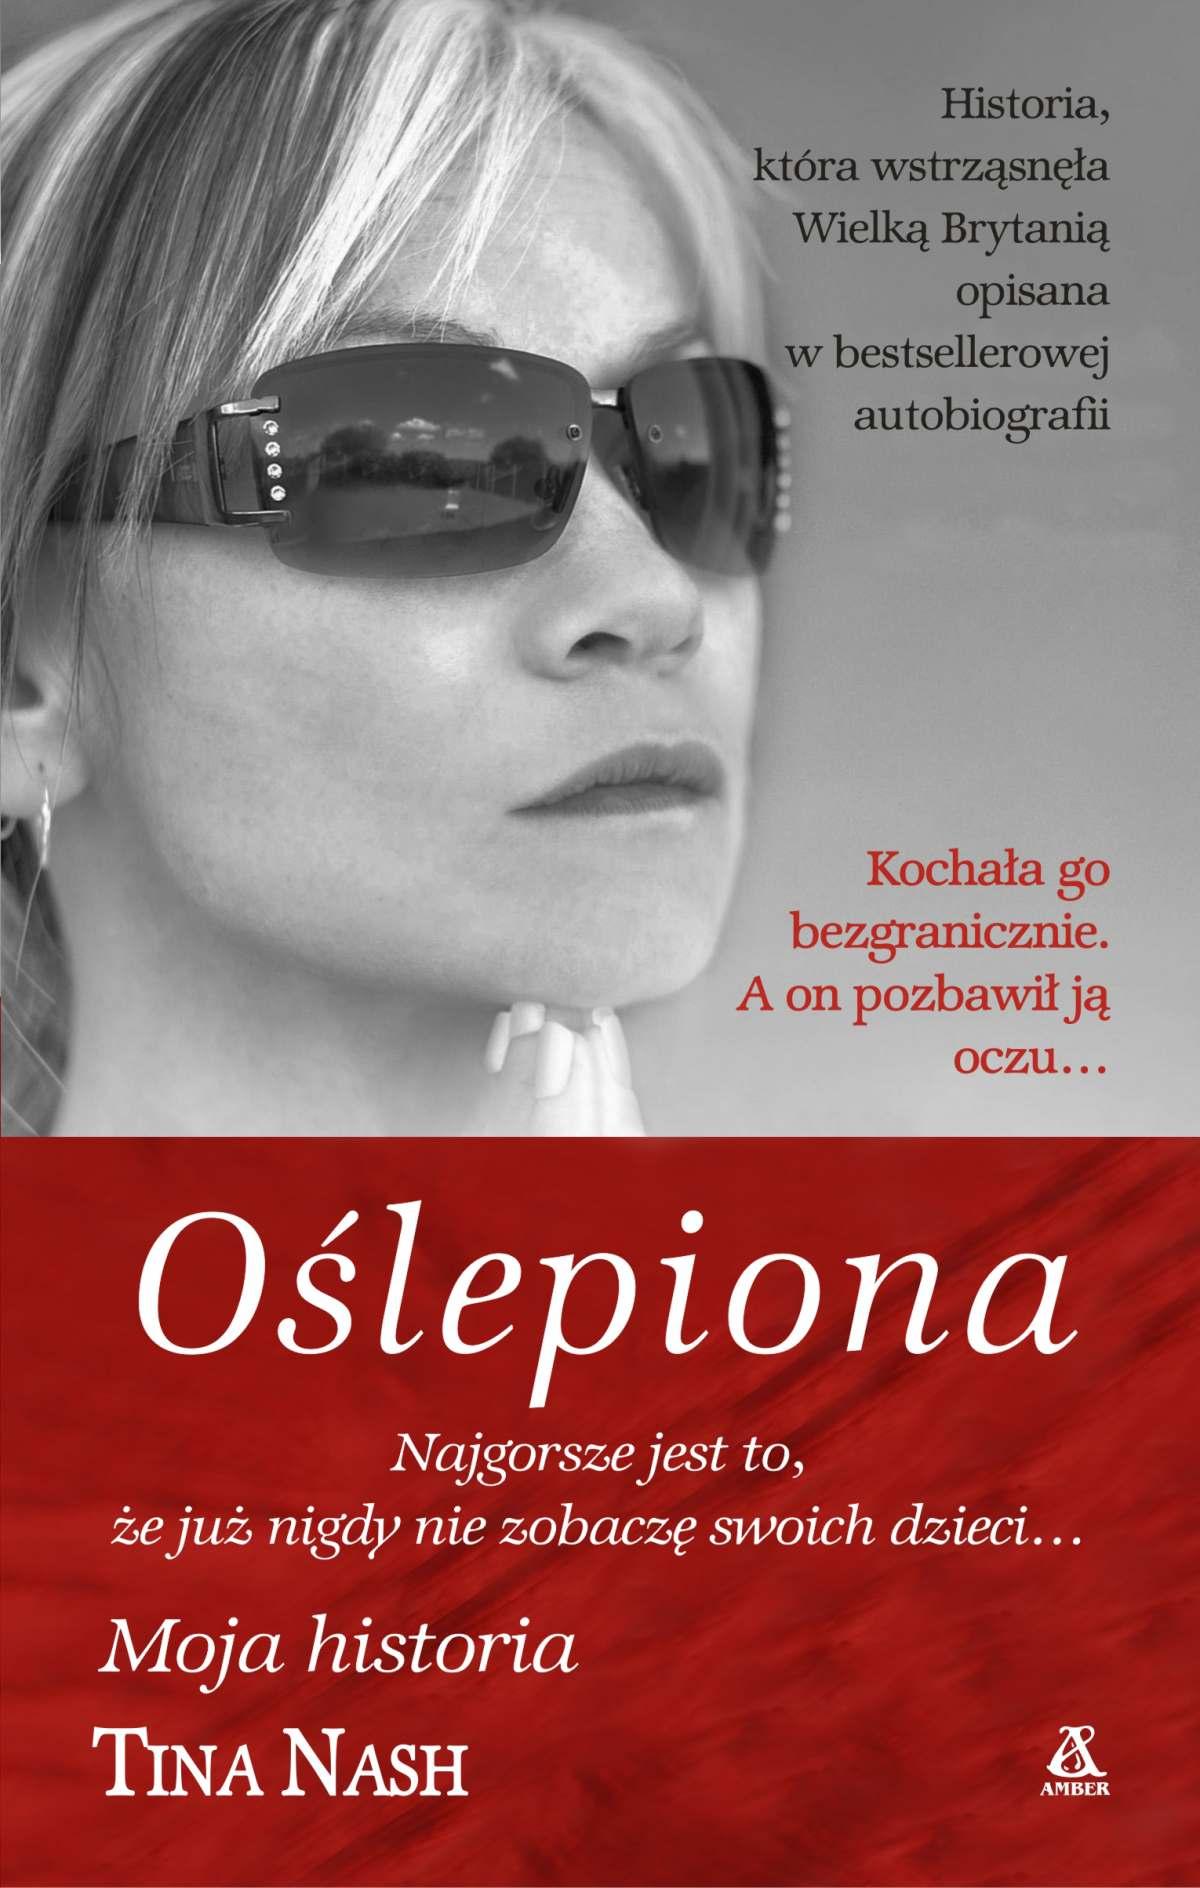 Oślepiona - Ebook (Książka EPUB) do pobrania w formacie EPUB